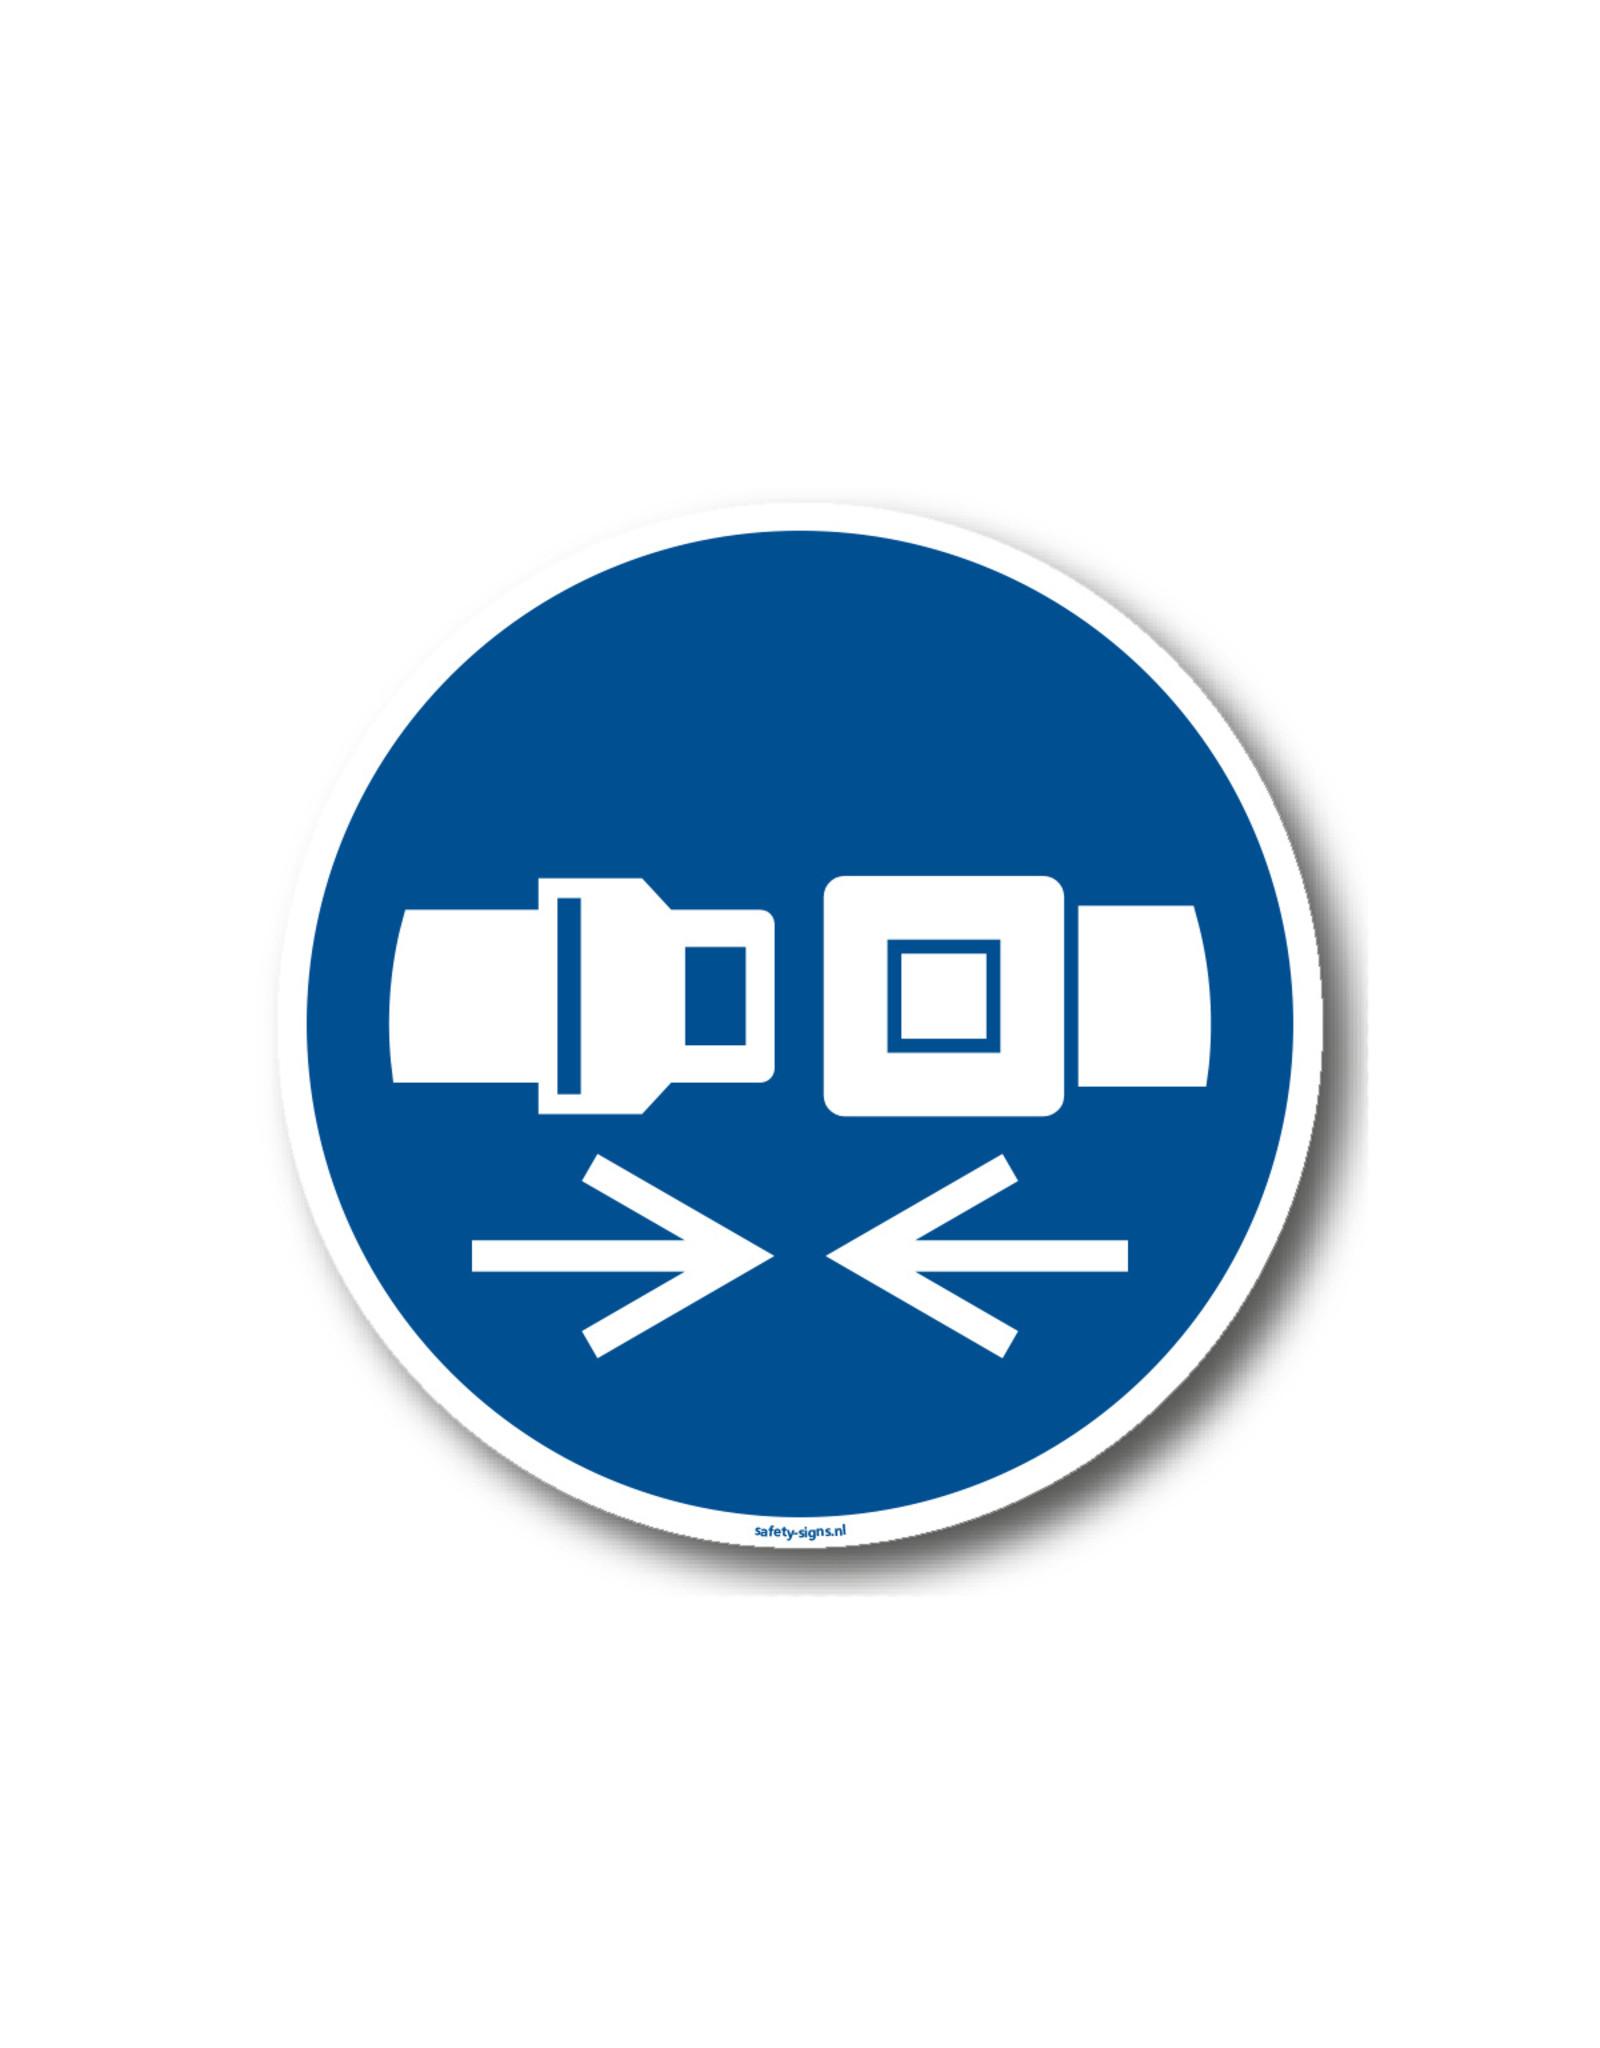 BrouwerSign Pictogram - M020 - Veiligheidsriem verplicht - ISO 7010